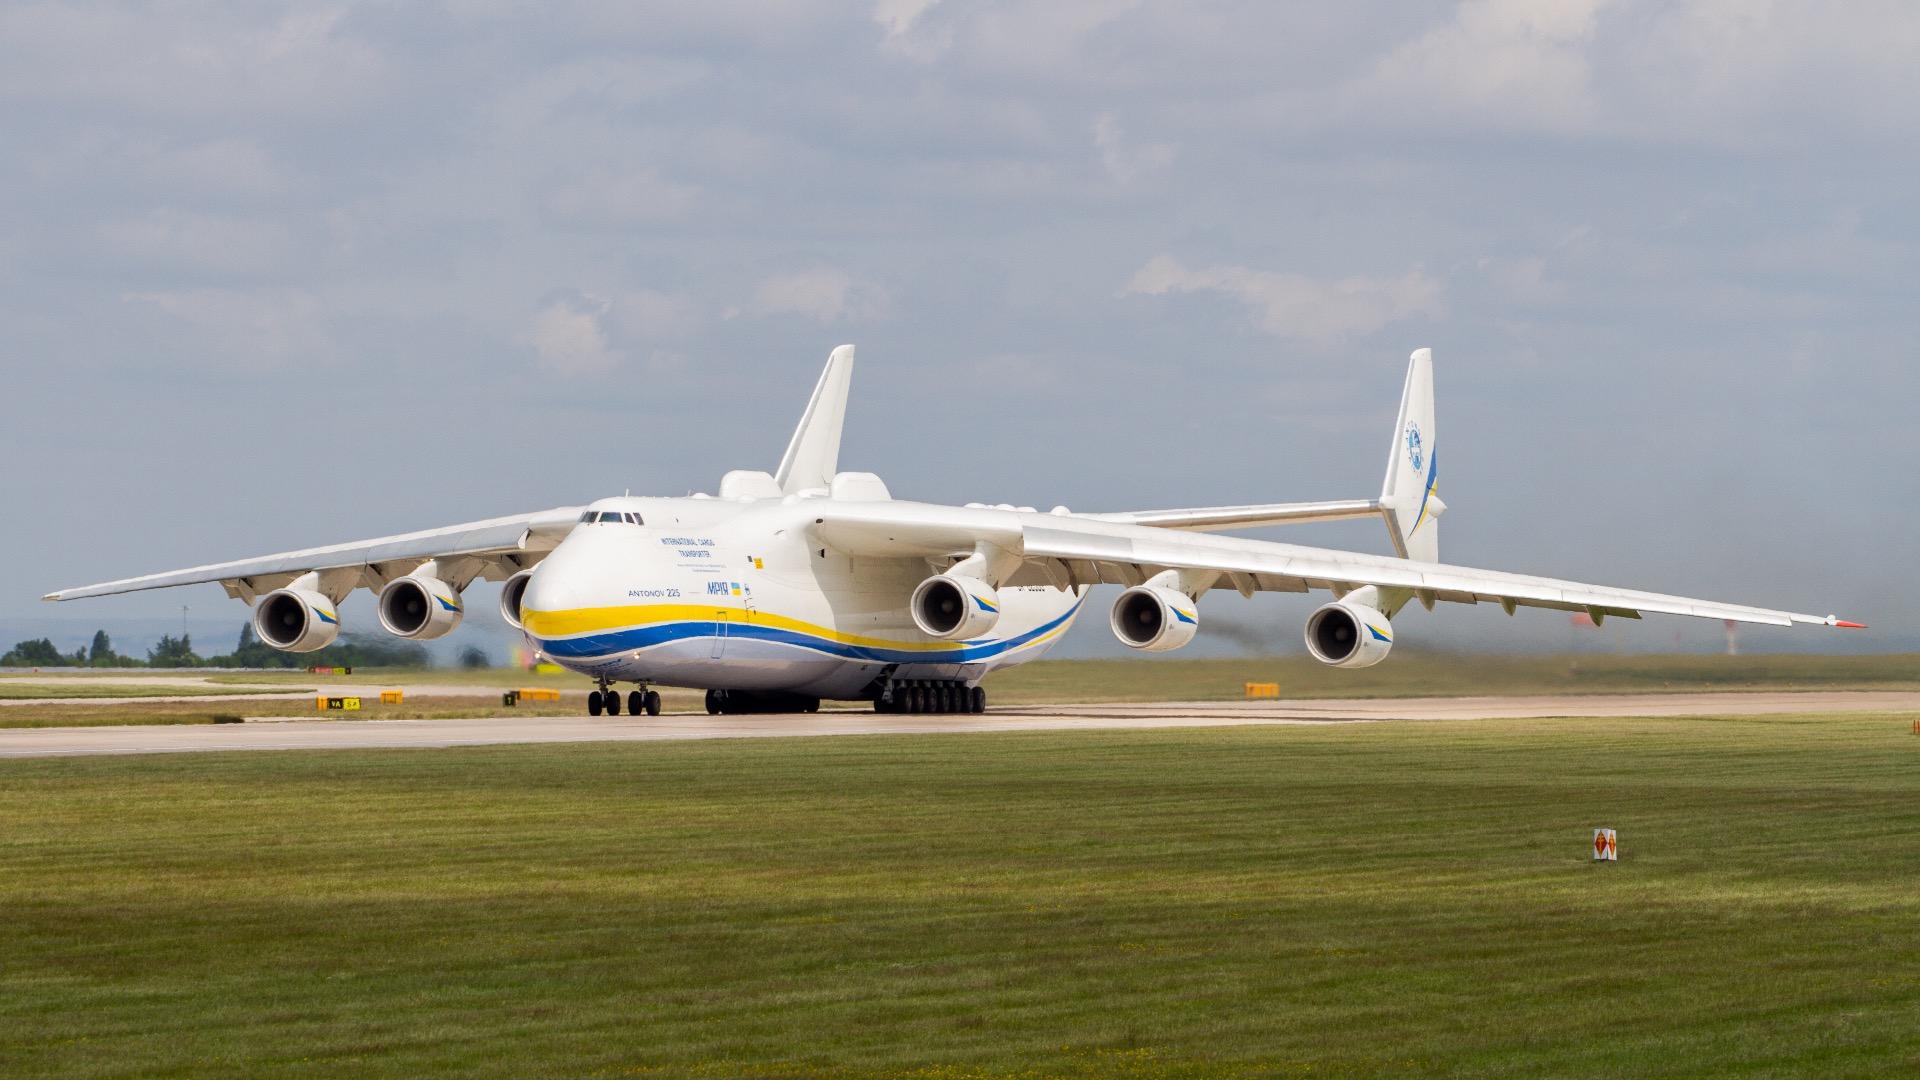 того, что самый огромный в мире самолет фото пневматического оружия насчитывает